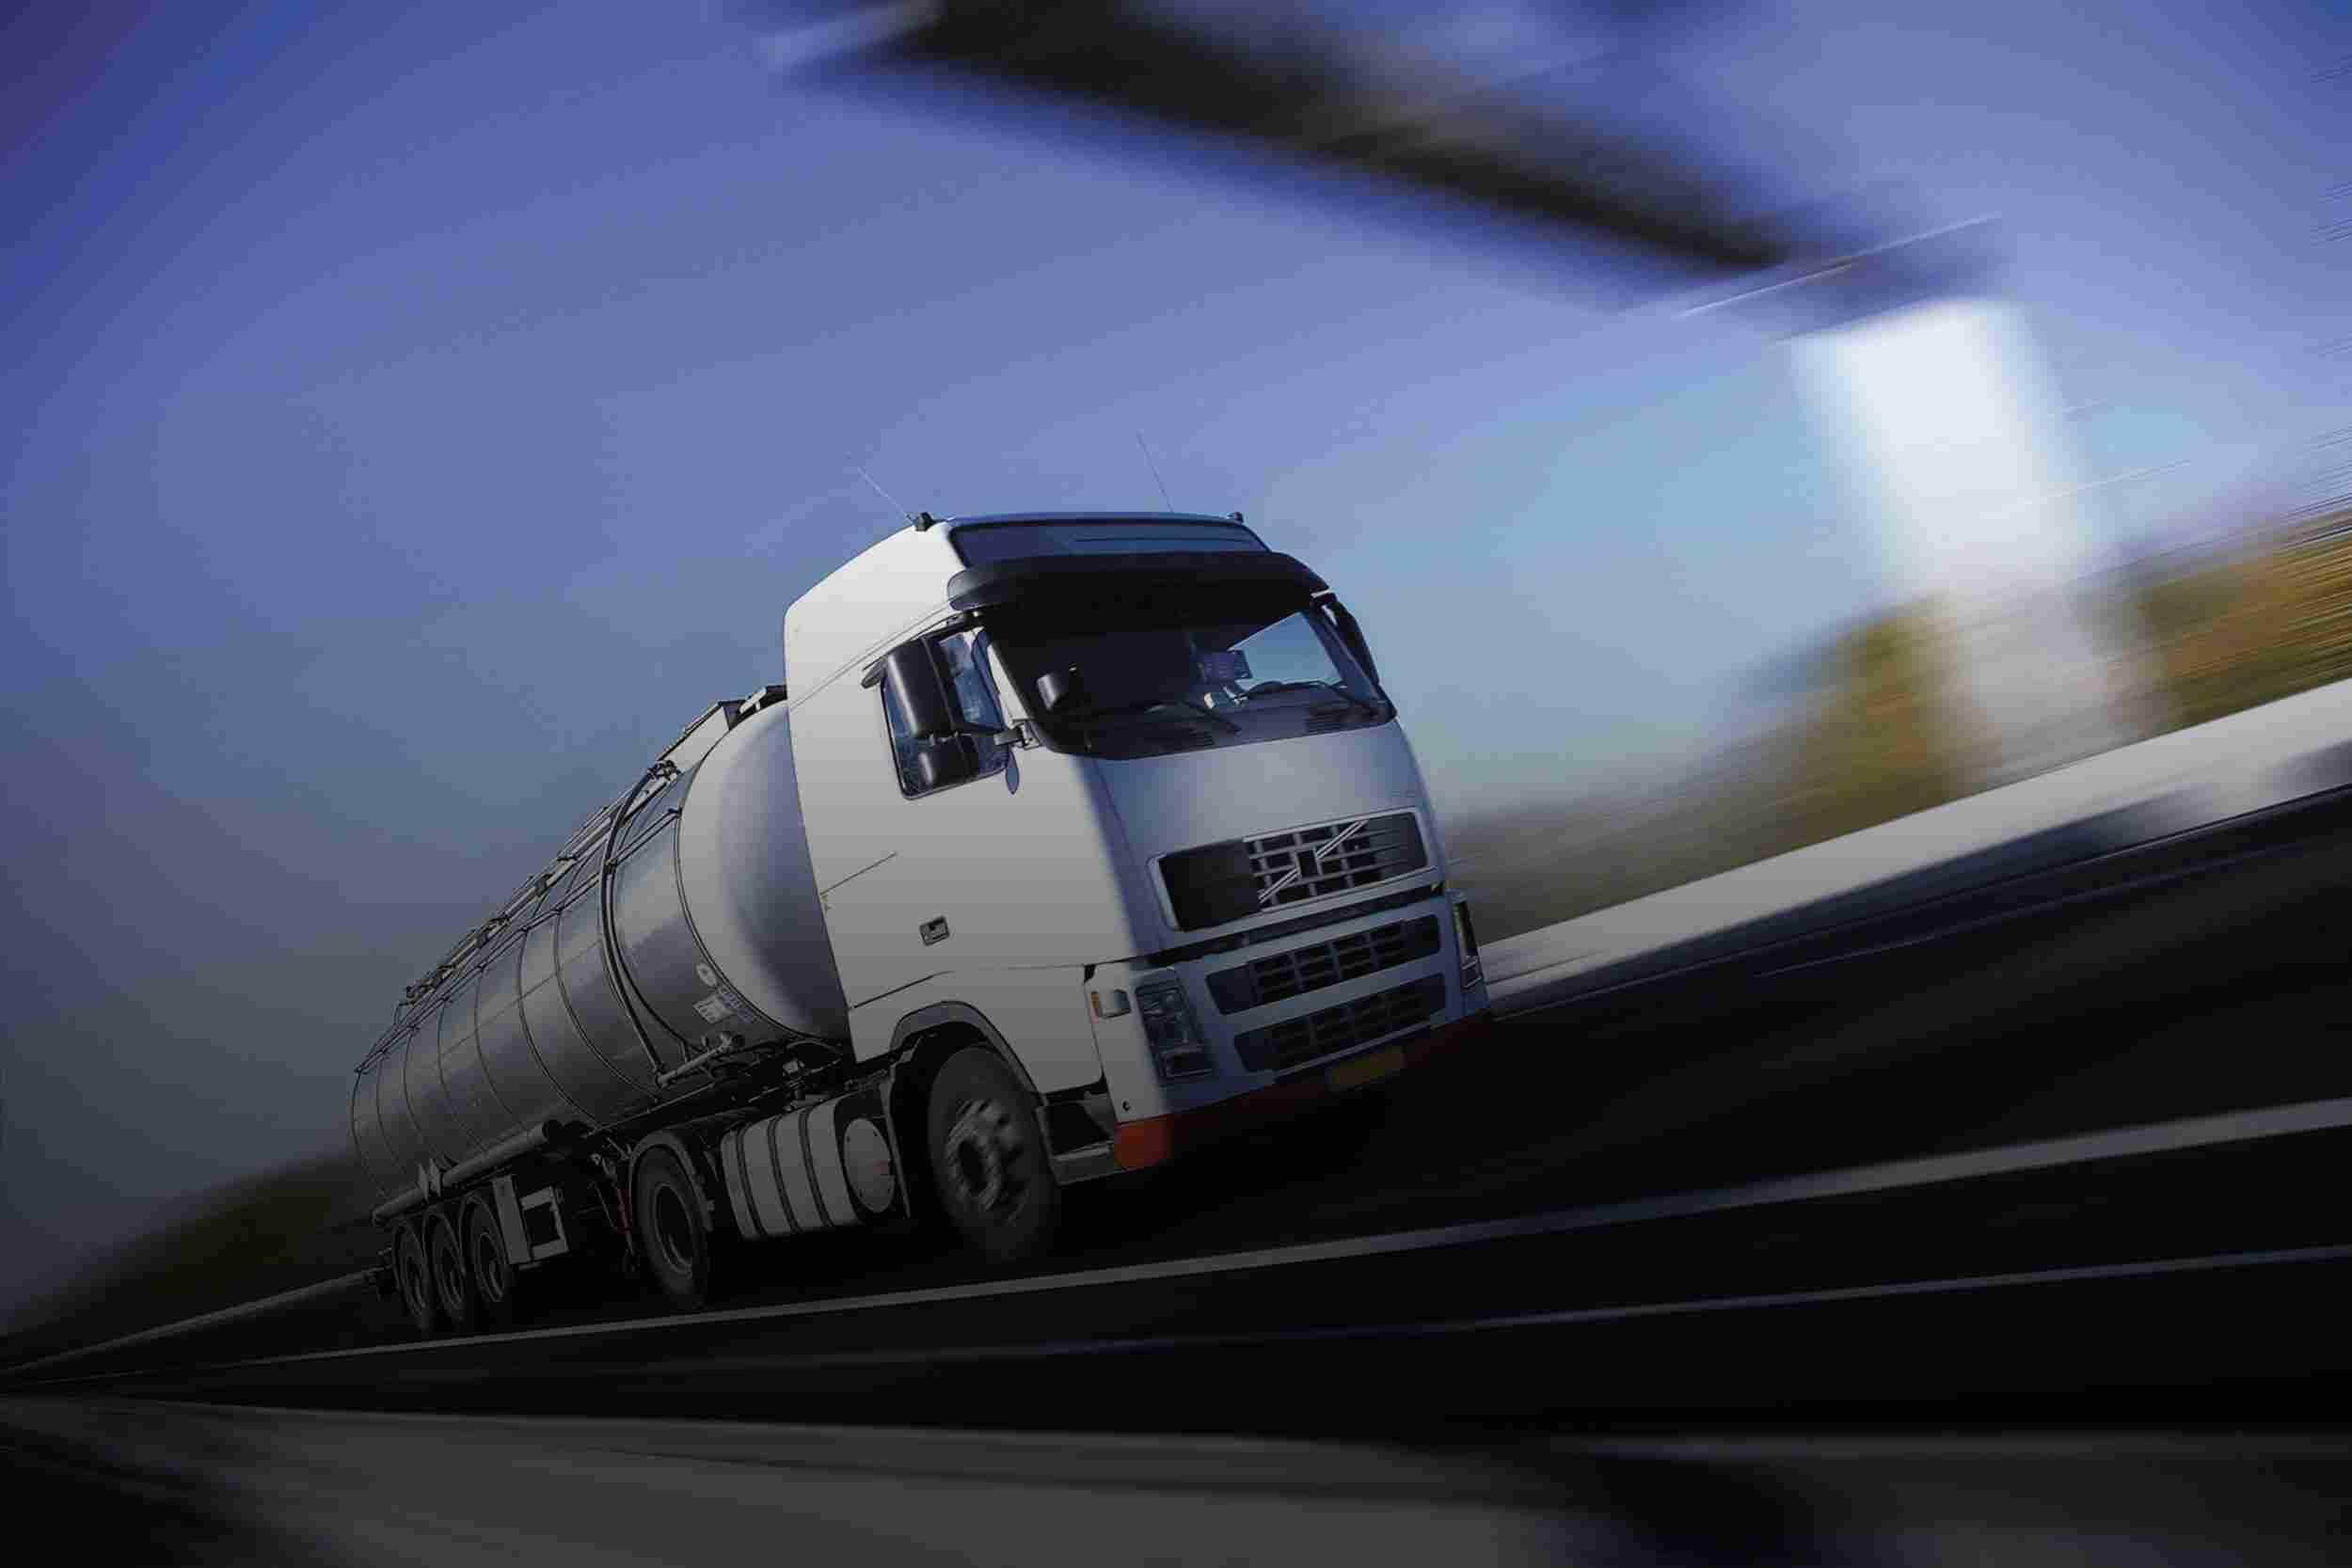 https://www.komanda24.lv/wp-content/uploads/2015/09/White-Truck-single.jpg